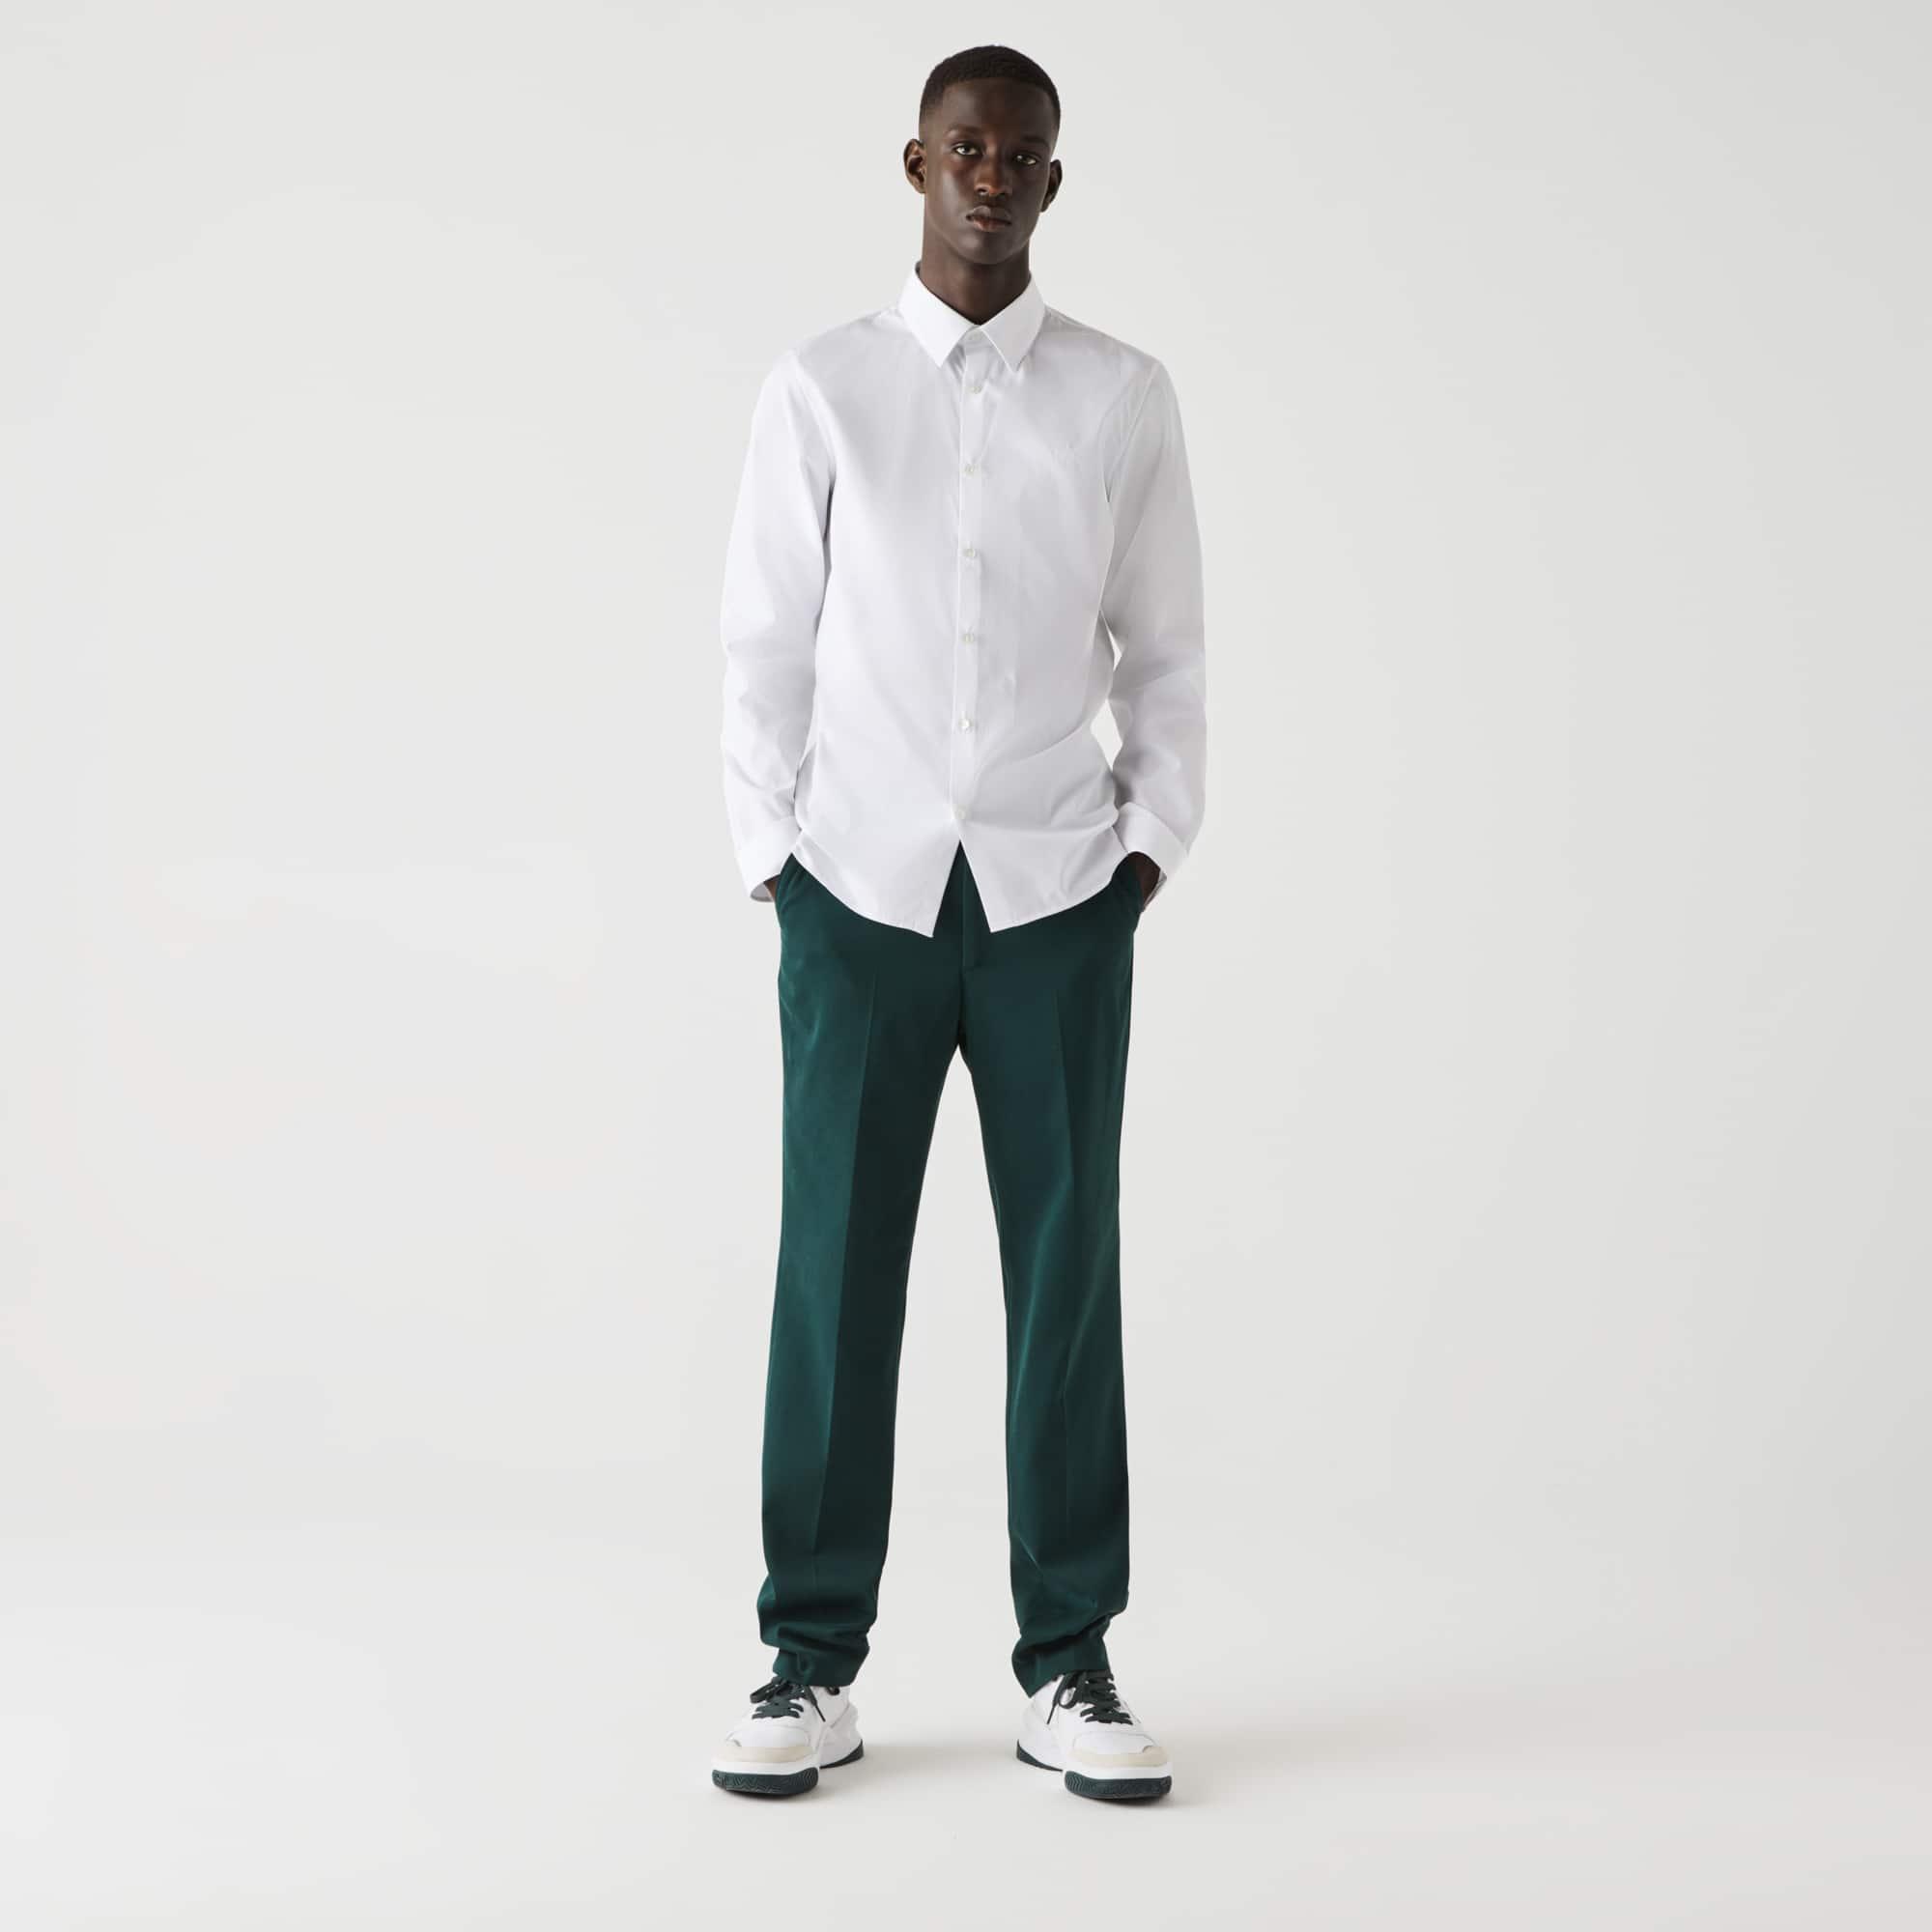 라코스테 맨 슬림핏 코튼 포플린 셔츠 Lacoste Mens Slim Fit Cotton Poplin Shirt,White 001